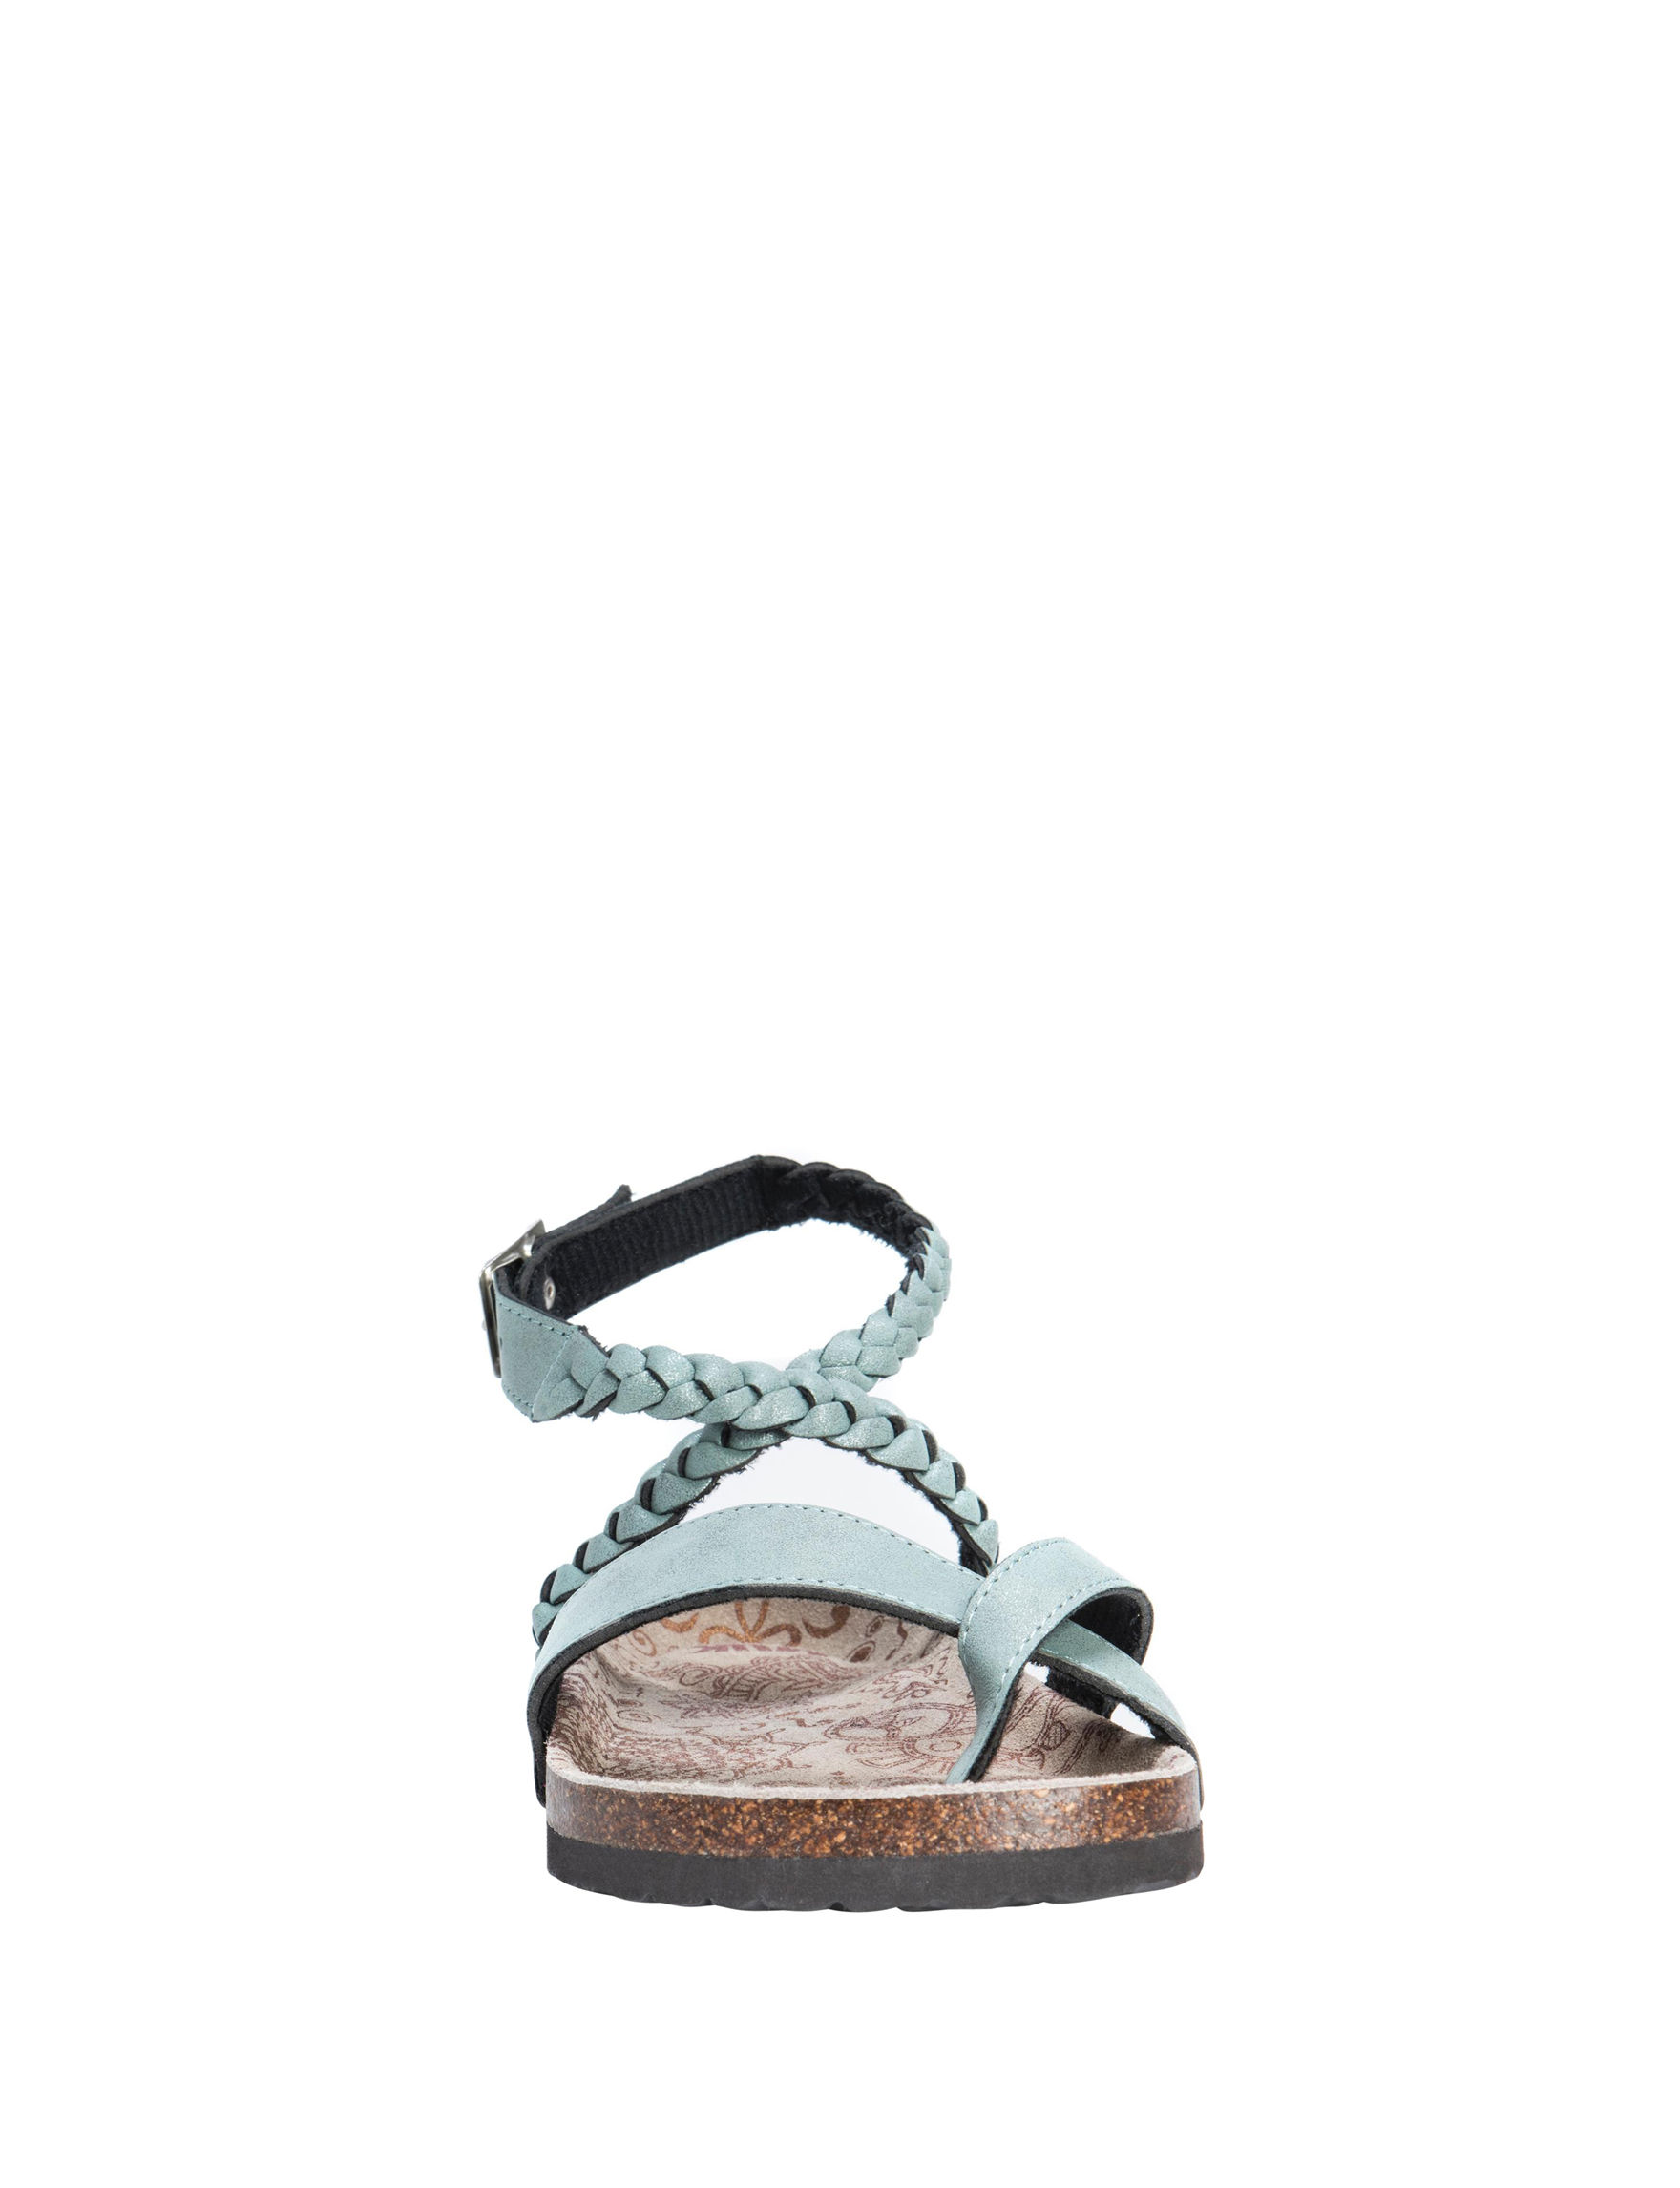 dfb47a2b825 Muk Luks Jade Flat Sandals